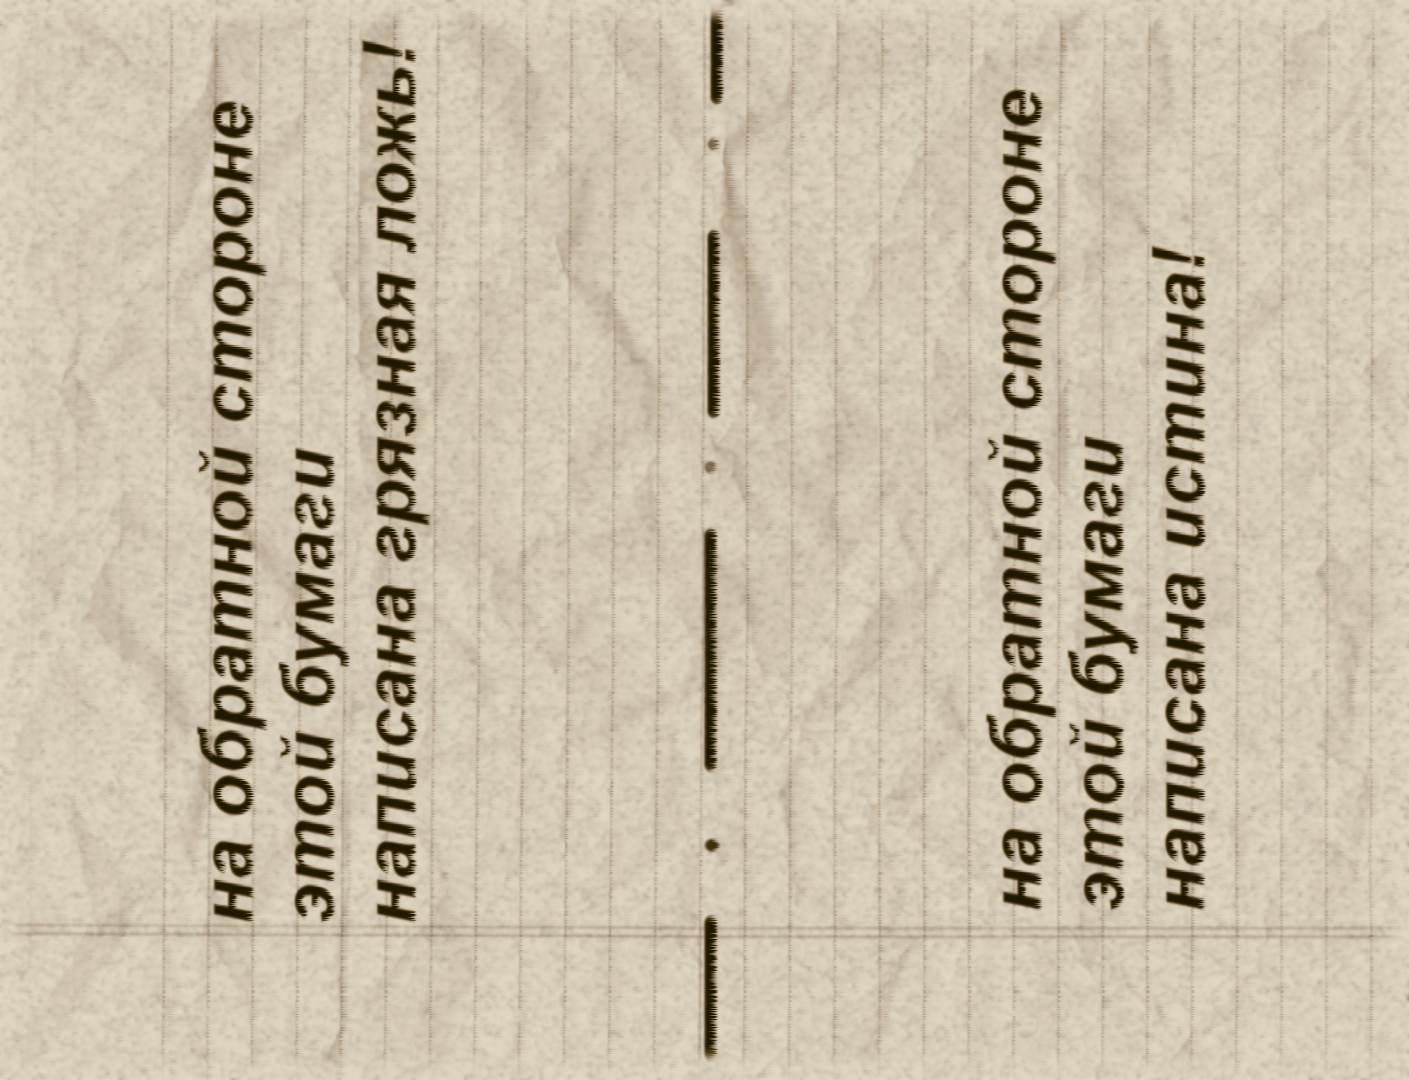 Логическая ловушка. На обратной стороне этой бумаги написана грязная ложь. тема: Истинная религия и вера. Осознанное вегетарианство. Что есть Бог.